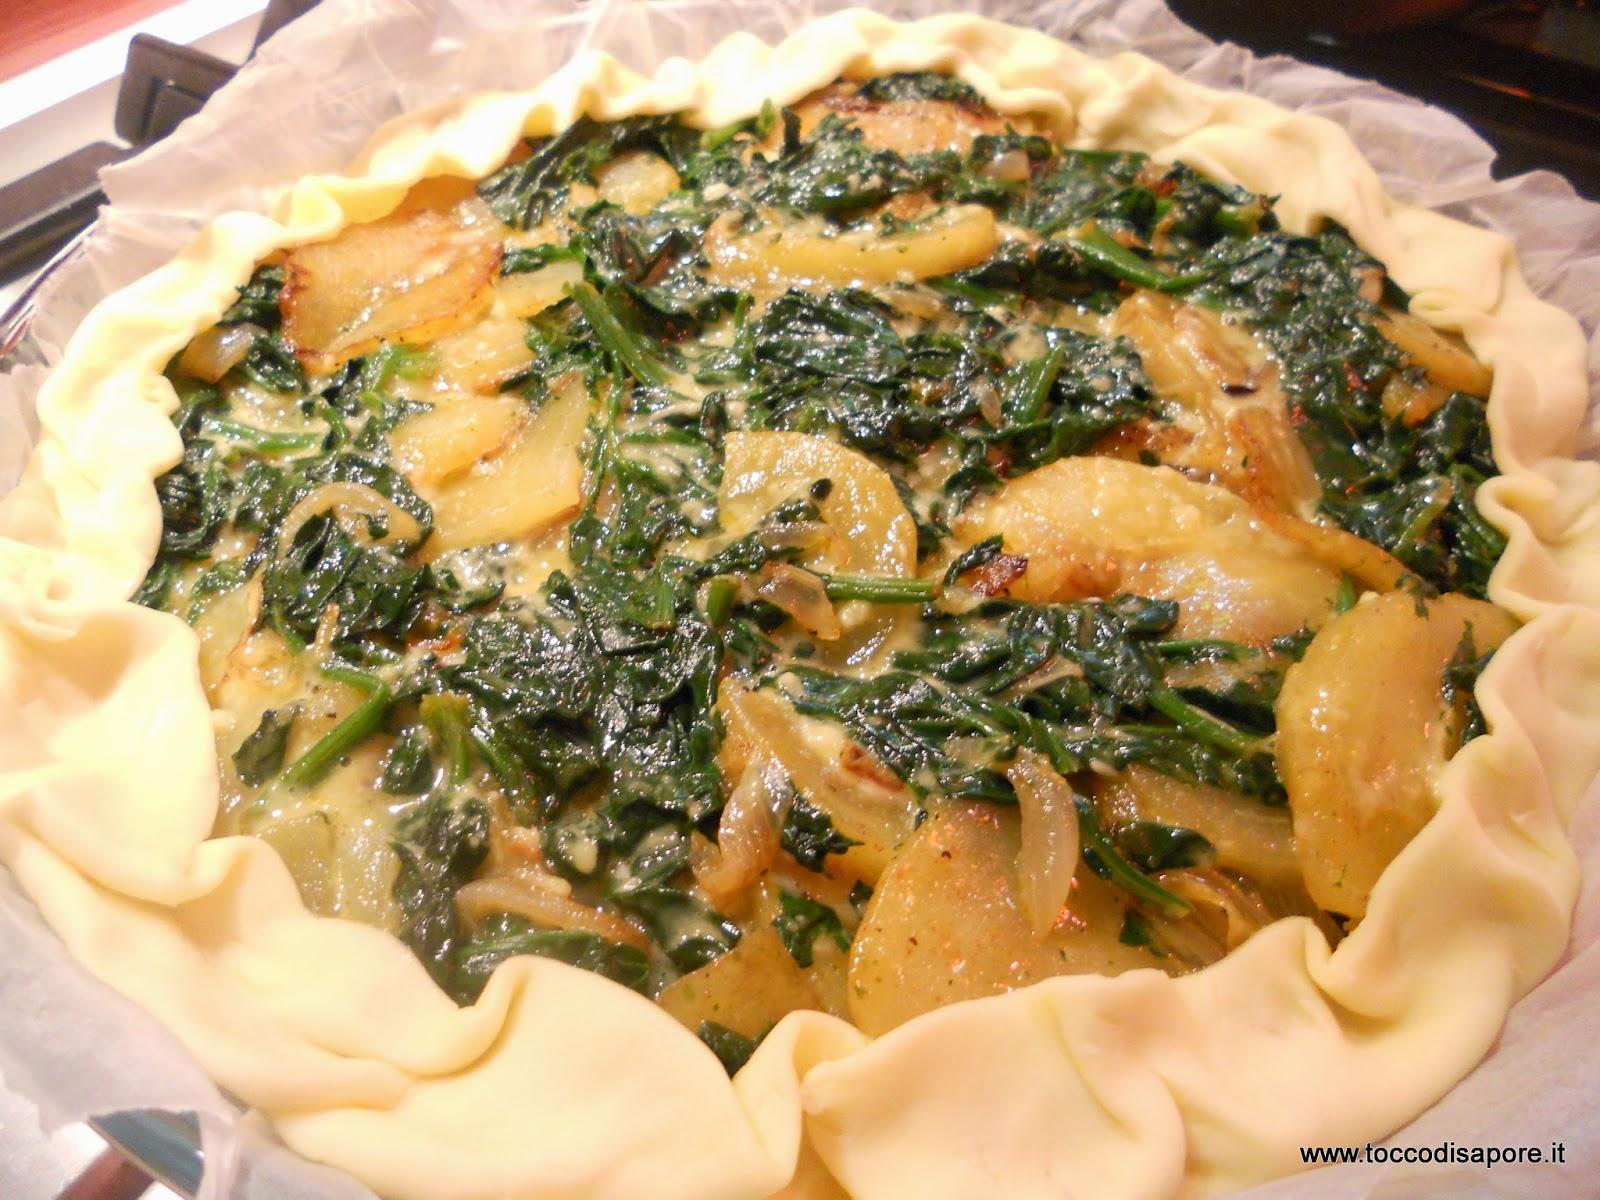 Torta salata agli spinaci, patate e cipolla pronta da infornare